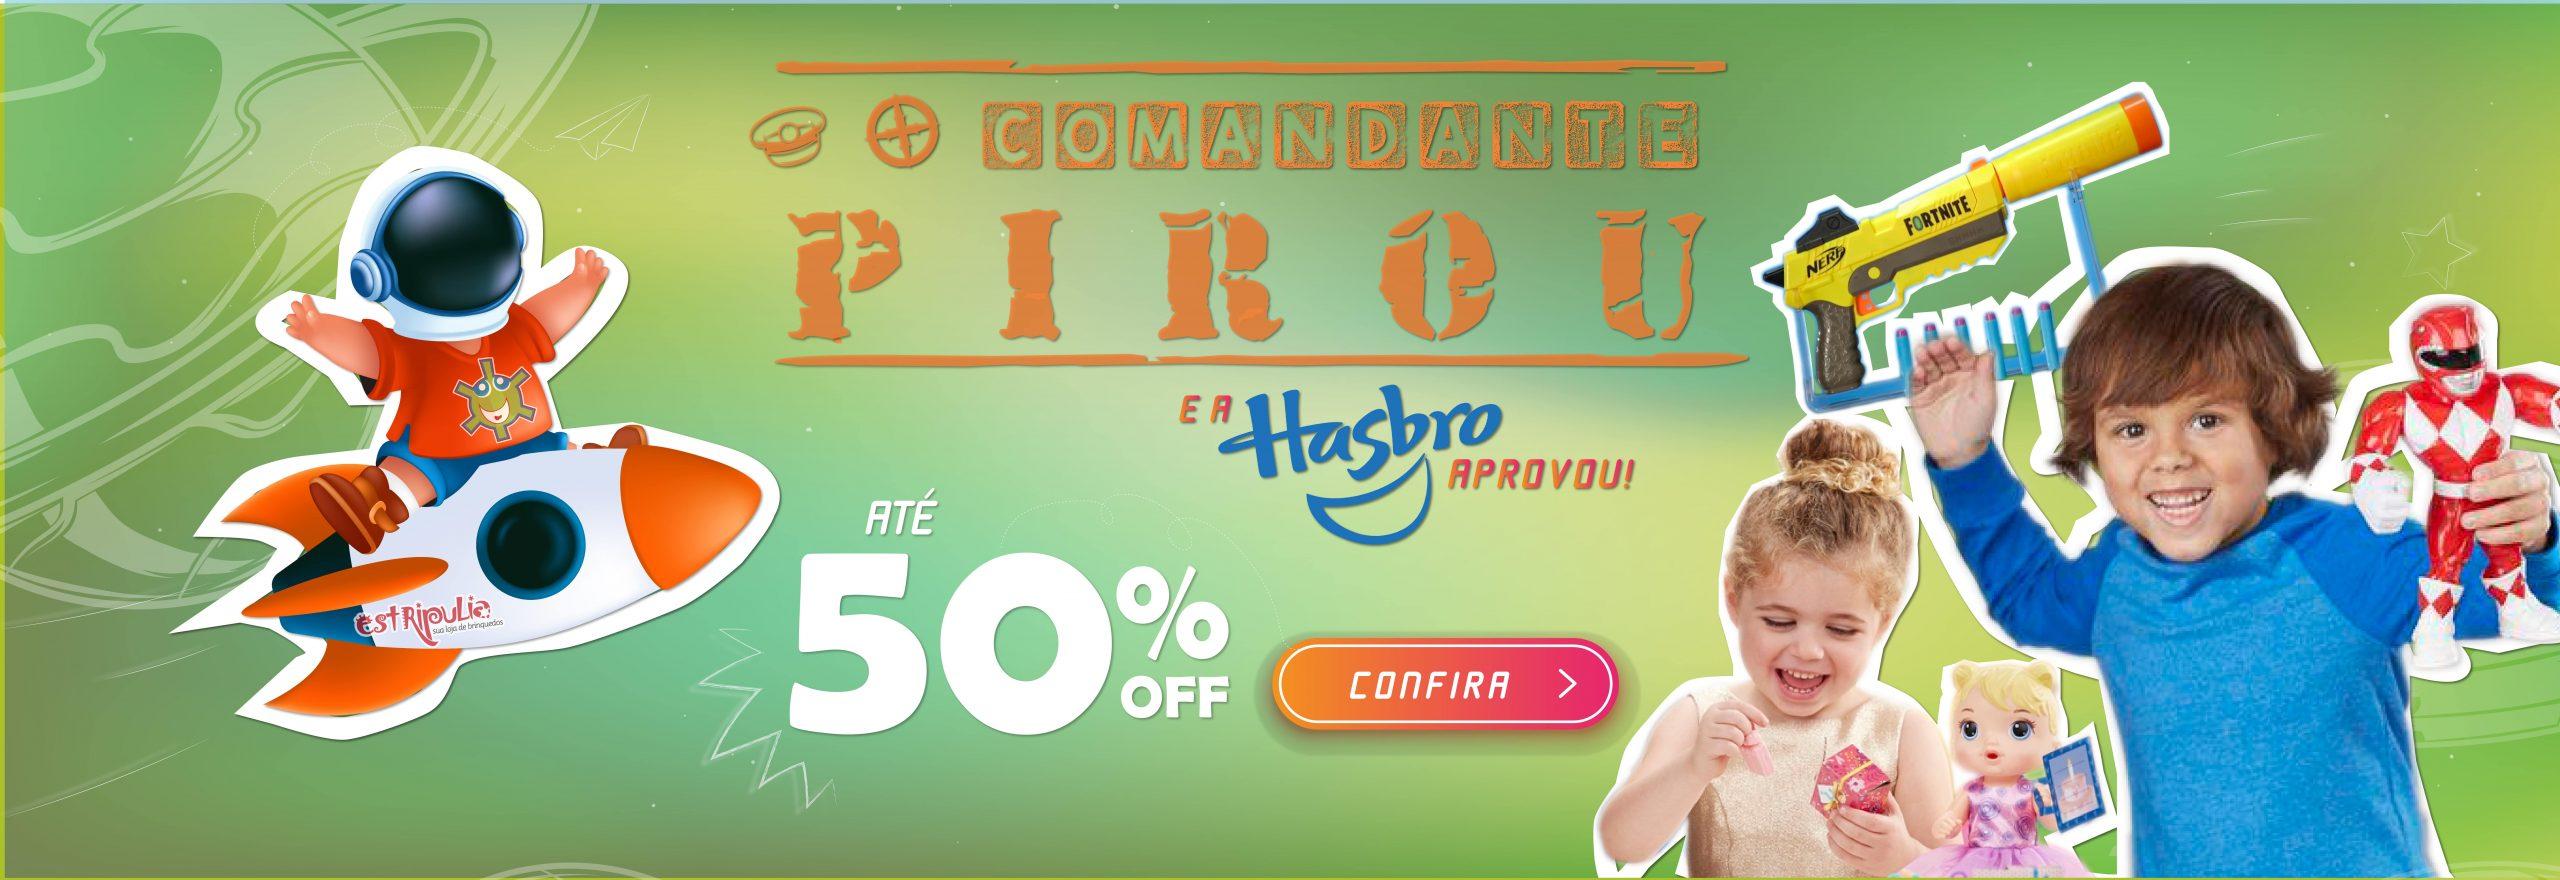 Promoção Hasbro